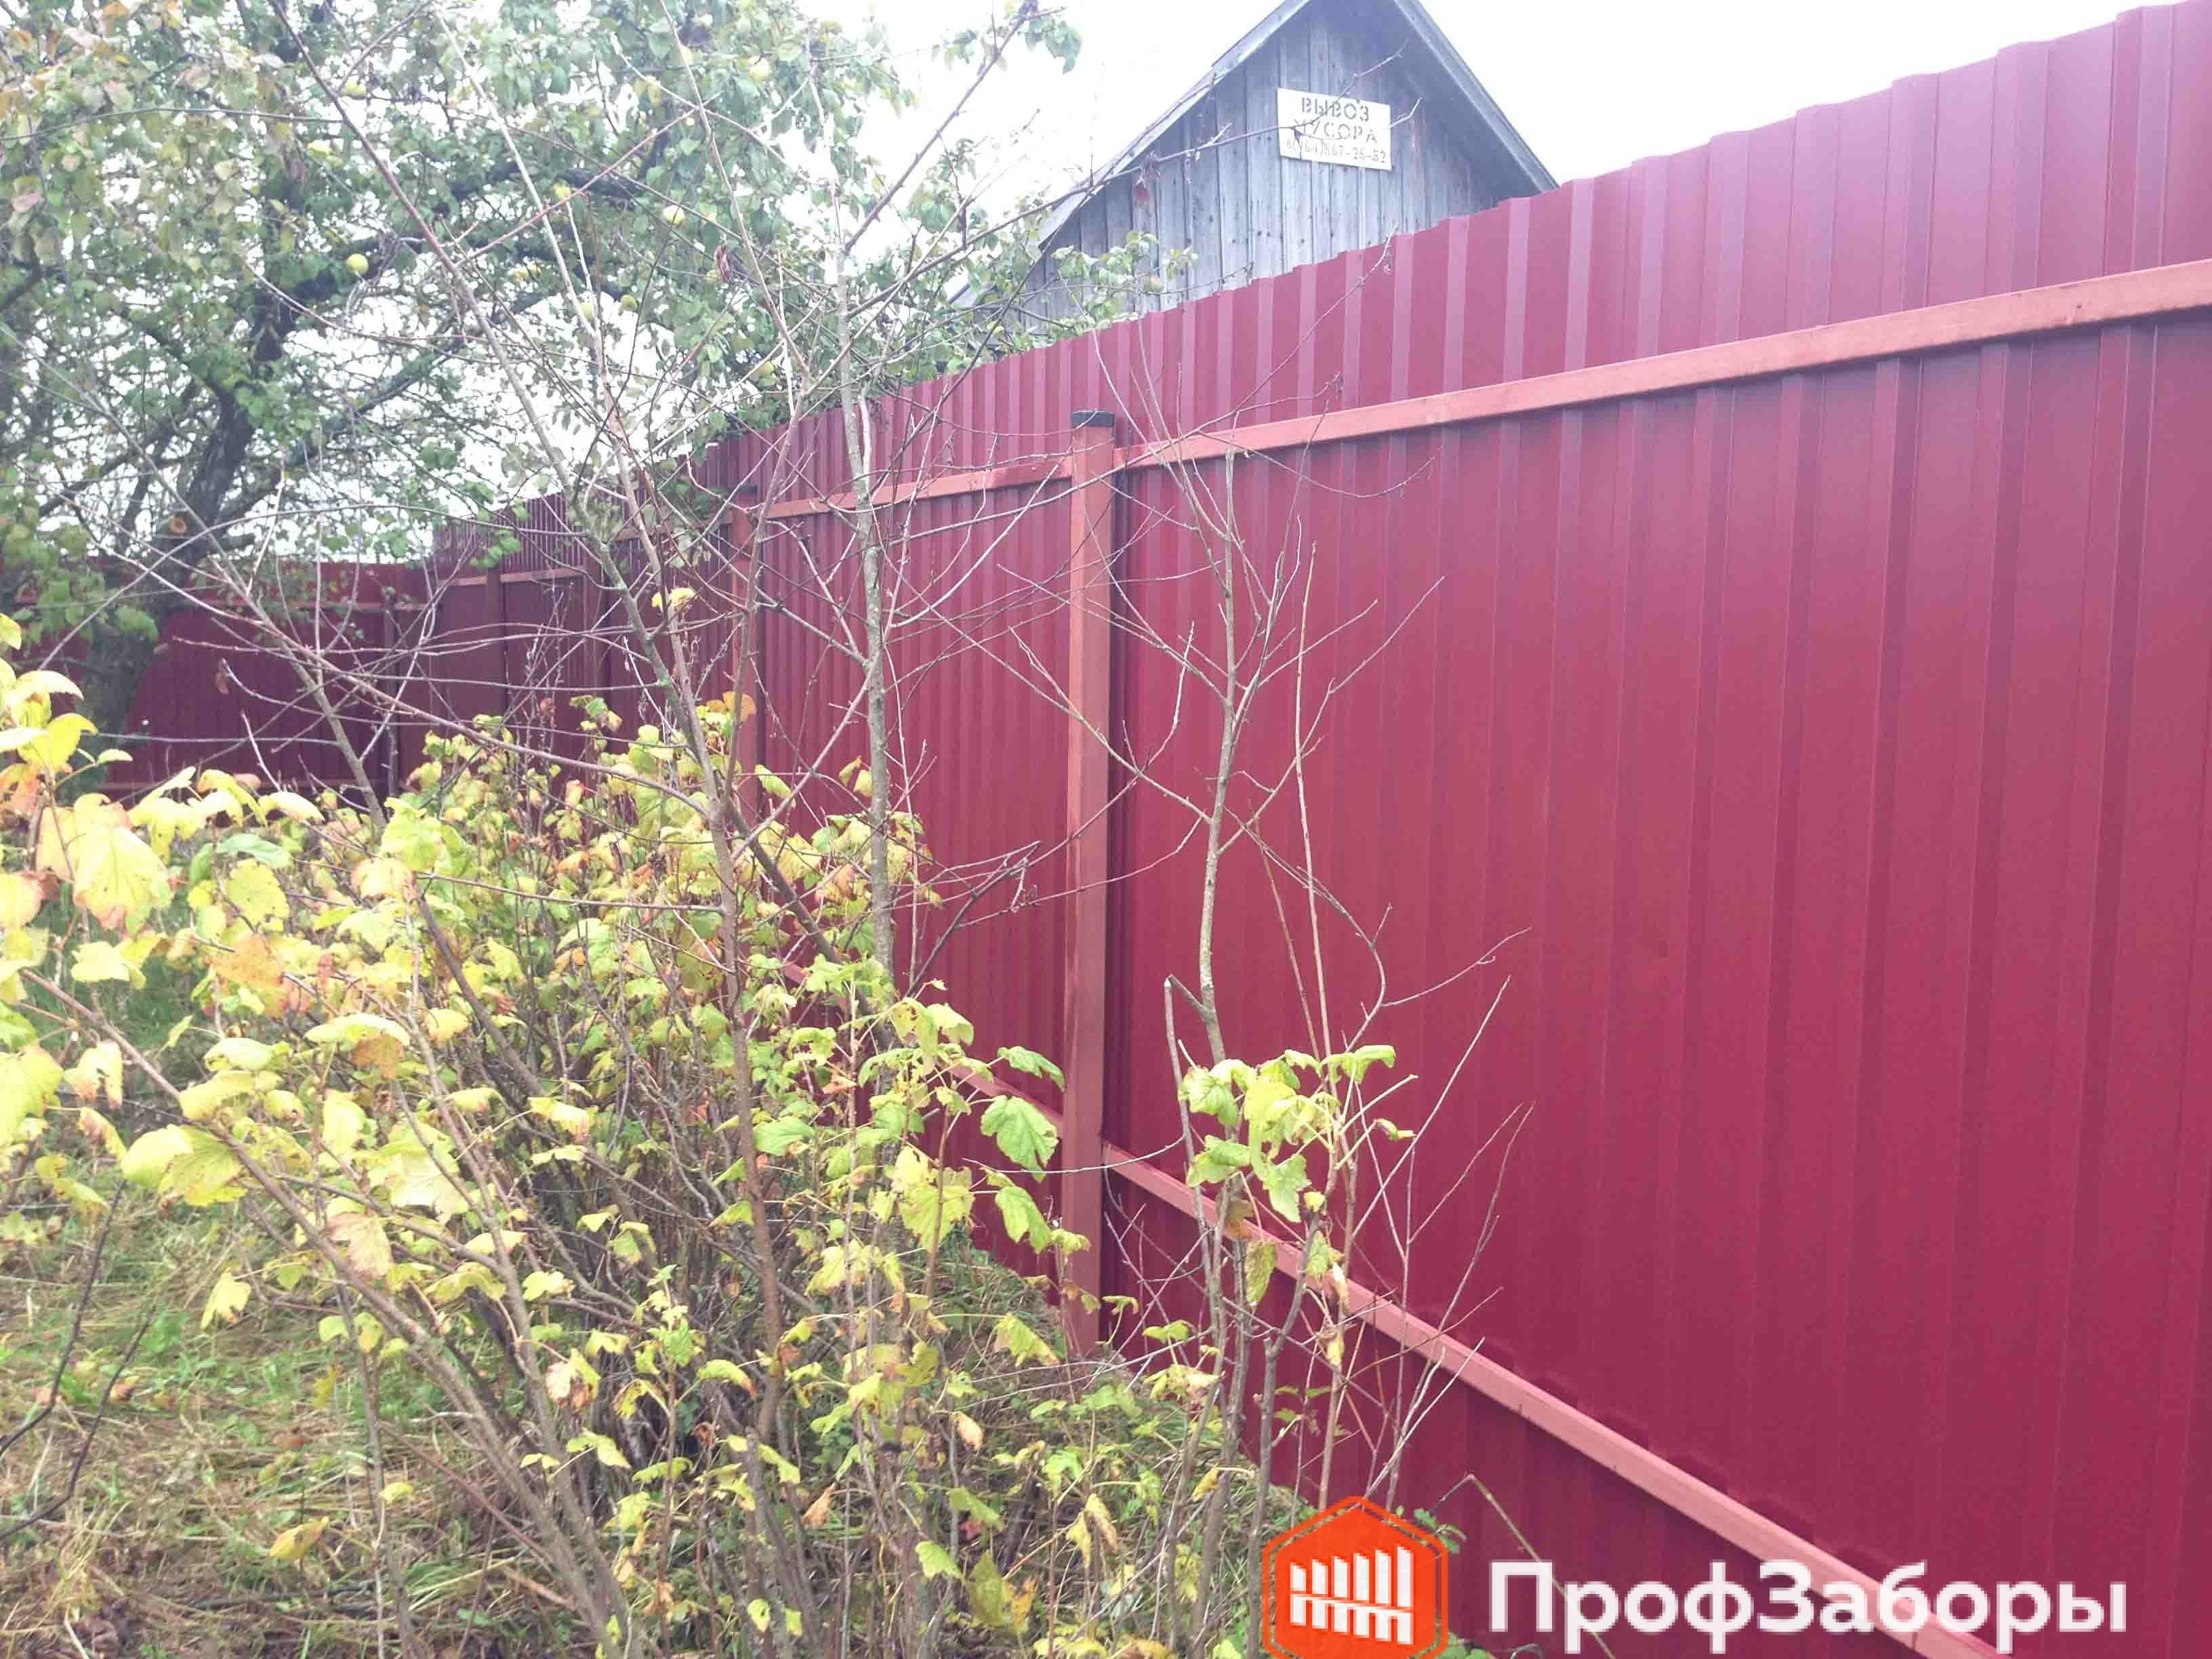 Заборы Из профнастила  - Городской округ Балашиха. Фото 3